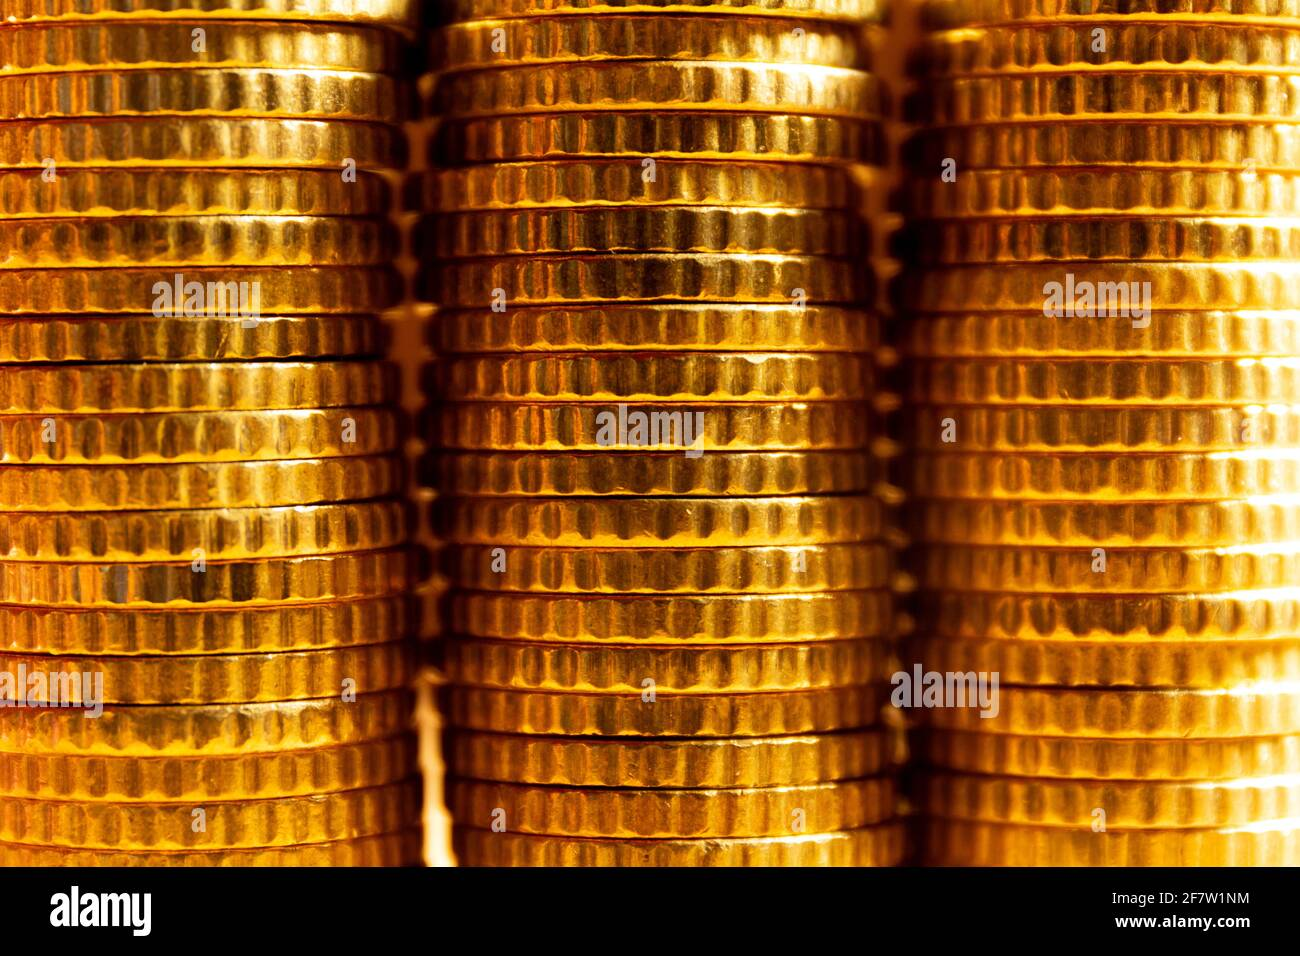 Vista de cerca de tres torres de monedas. Textura de la moneda. Banner de concepto de ahorro de dinero Foto de stock